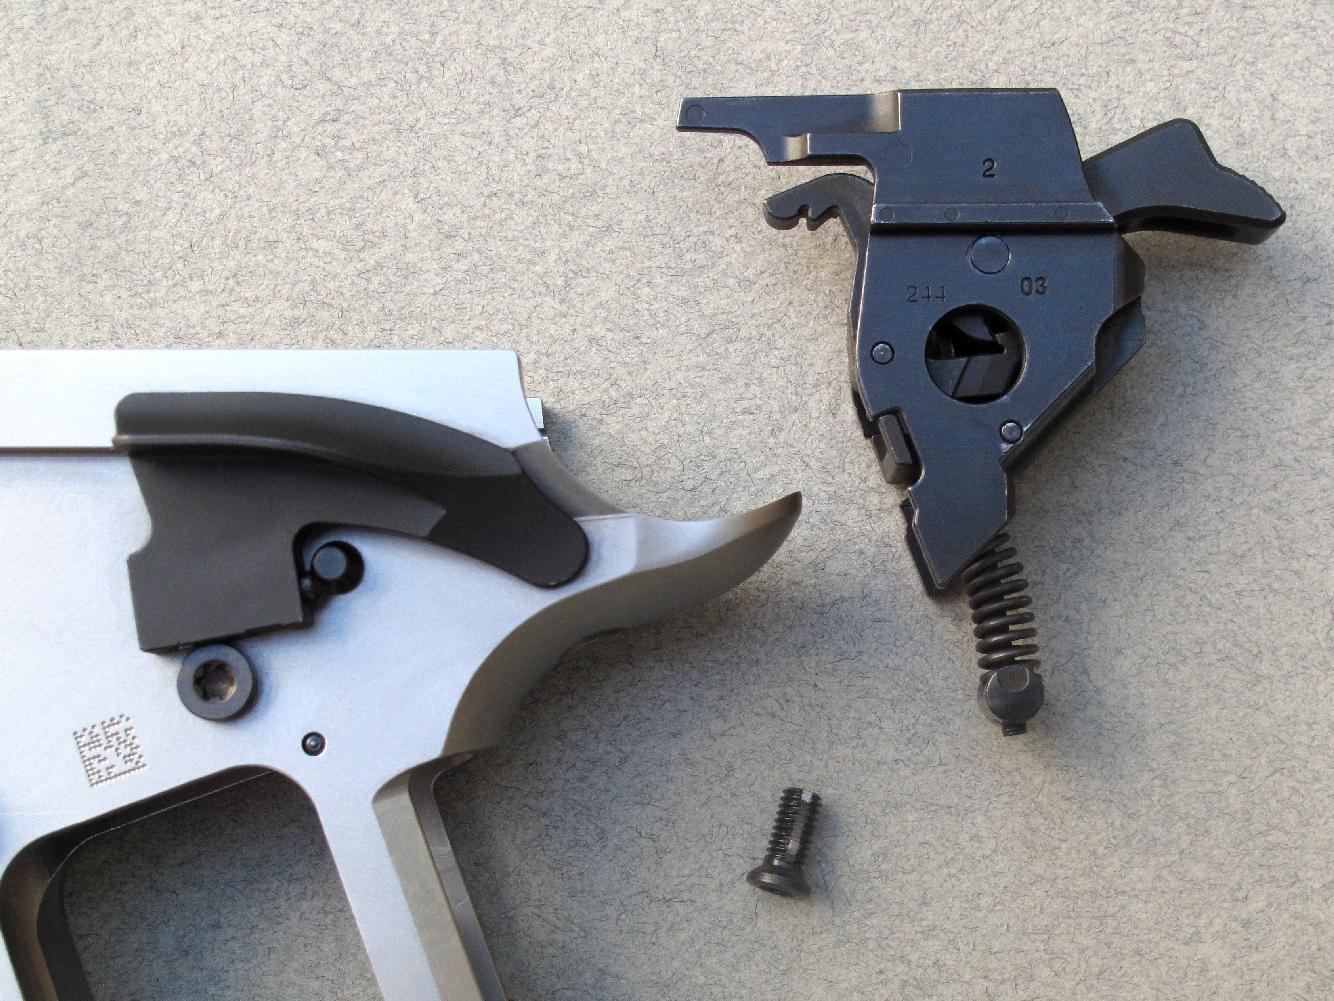 Les éléments du mécanisme de percussion (marteau, ressort, gâchette, éjecteur) sont regroupés dans un boîtier amovible aisément démontable, maintenu à la carcasse par une vis directement accessible sous le busc de la poignée.